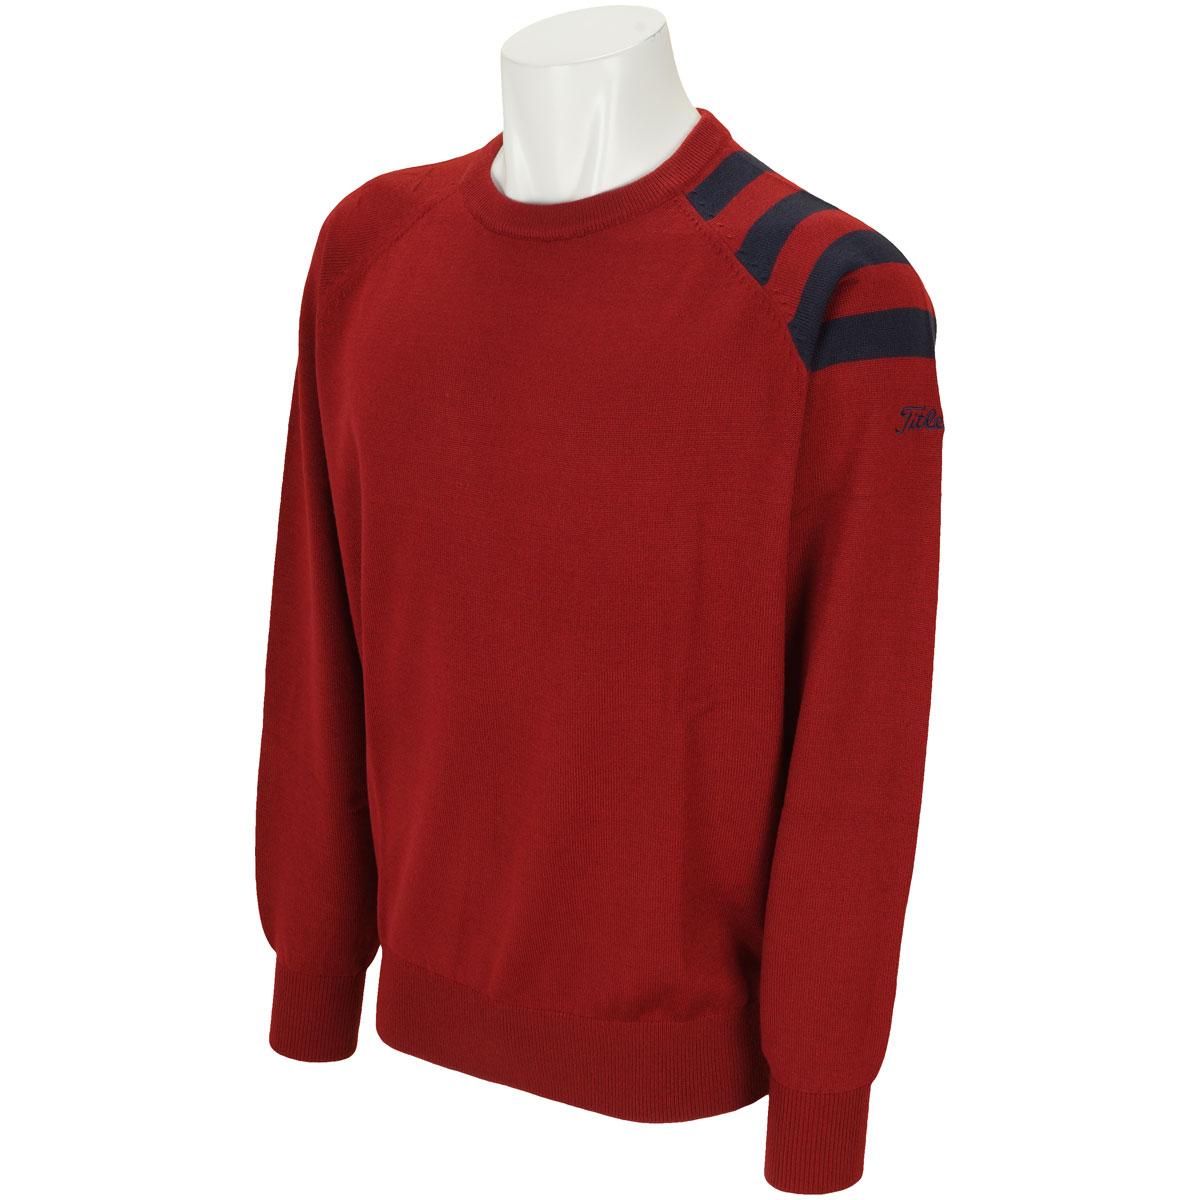 ストライプクルーネックセーター